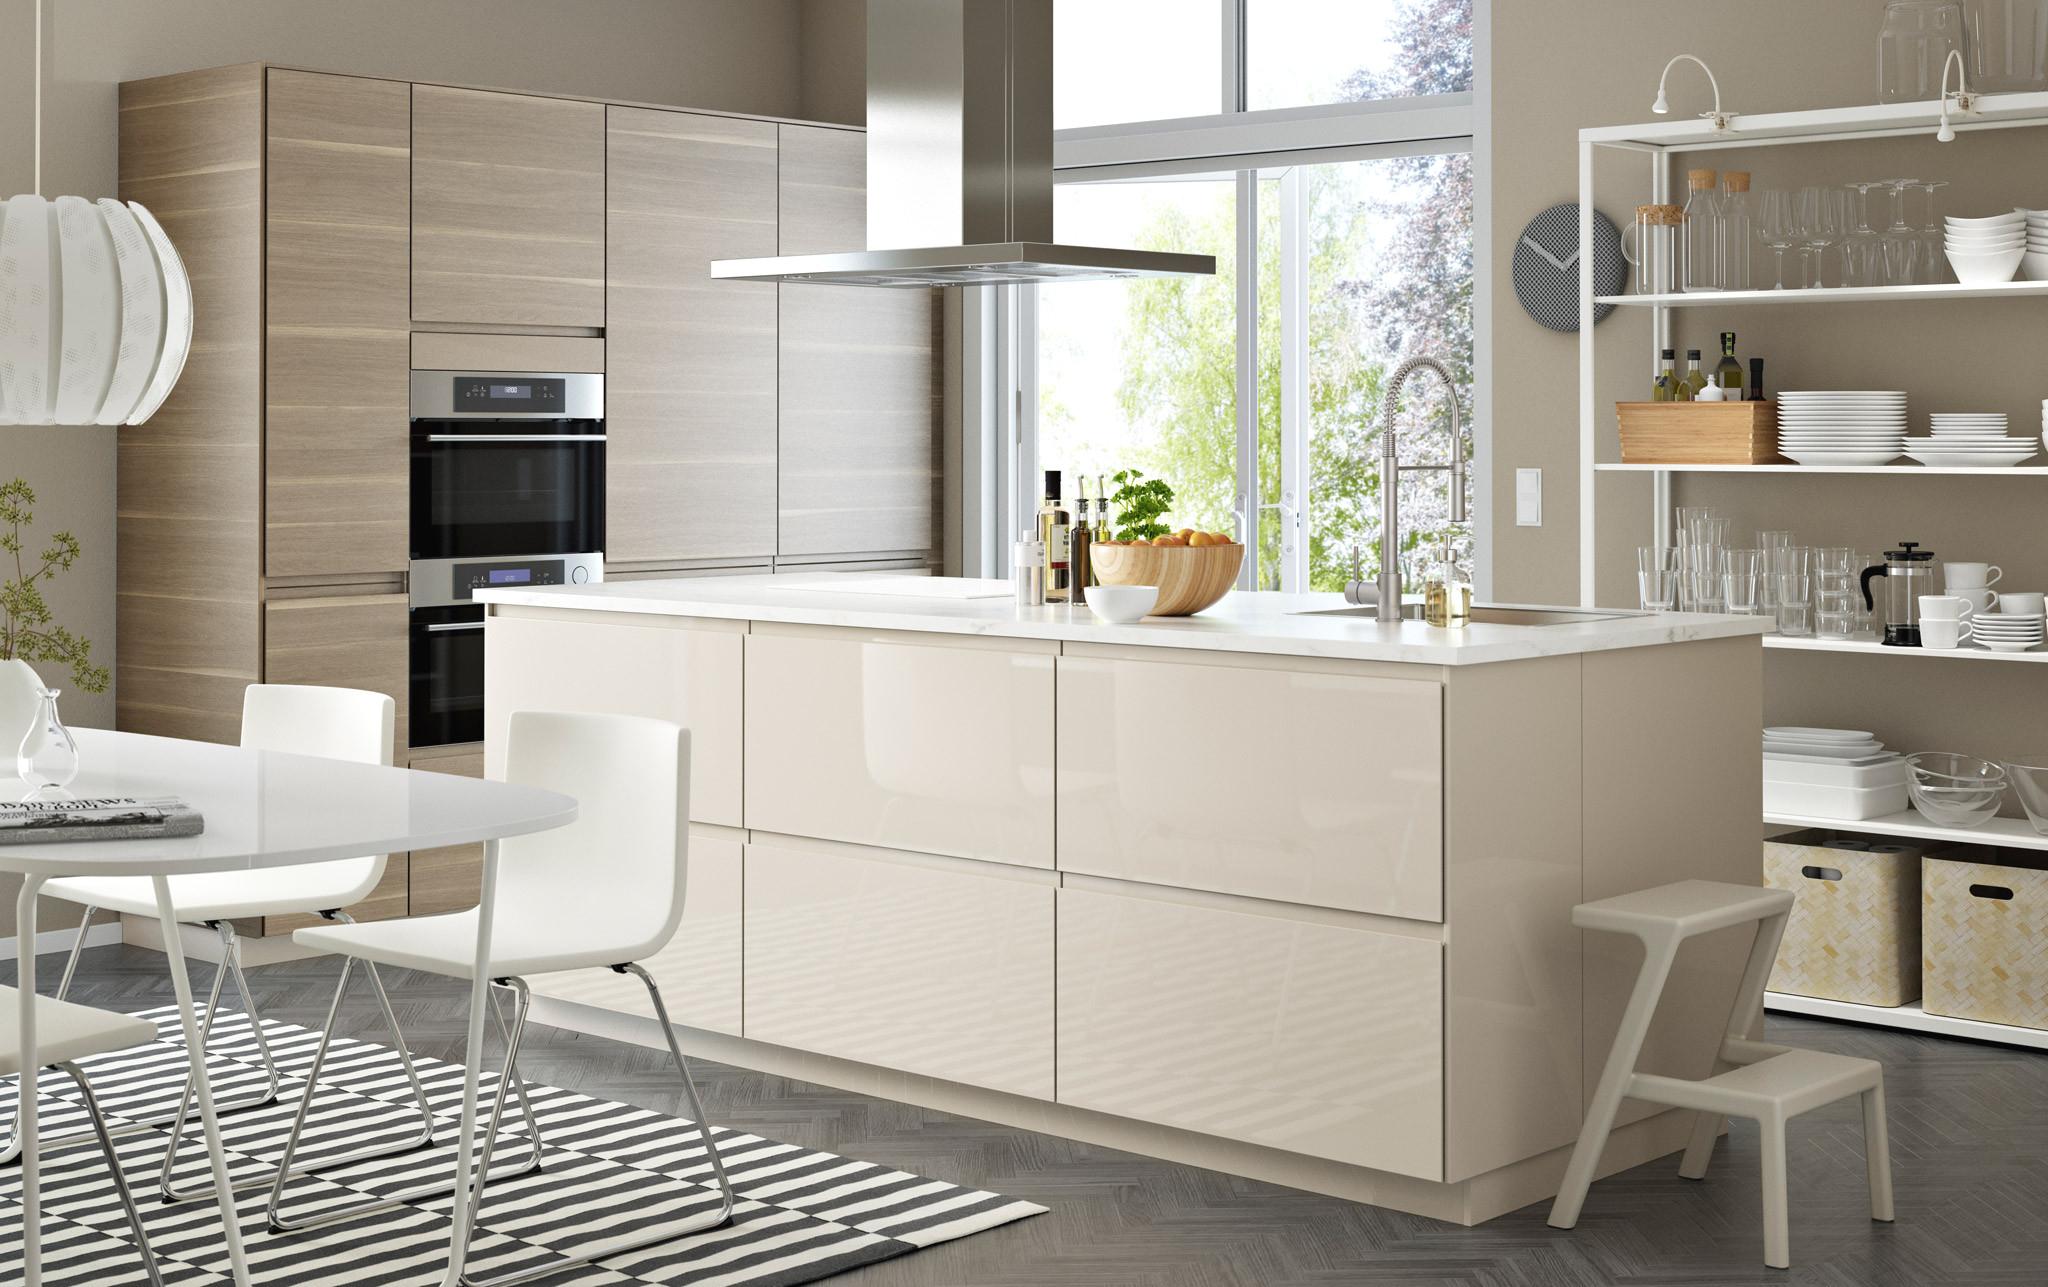 Cuisine Ikea Ringhult Blanc Brillant Avis Élégant Photographie Ides Dimages De Voxtorp Blanc Brillant 2018